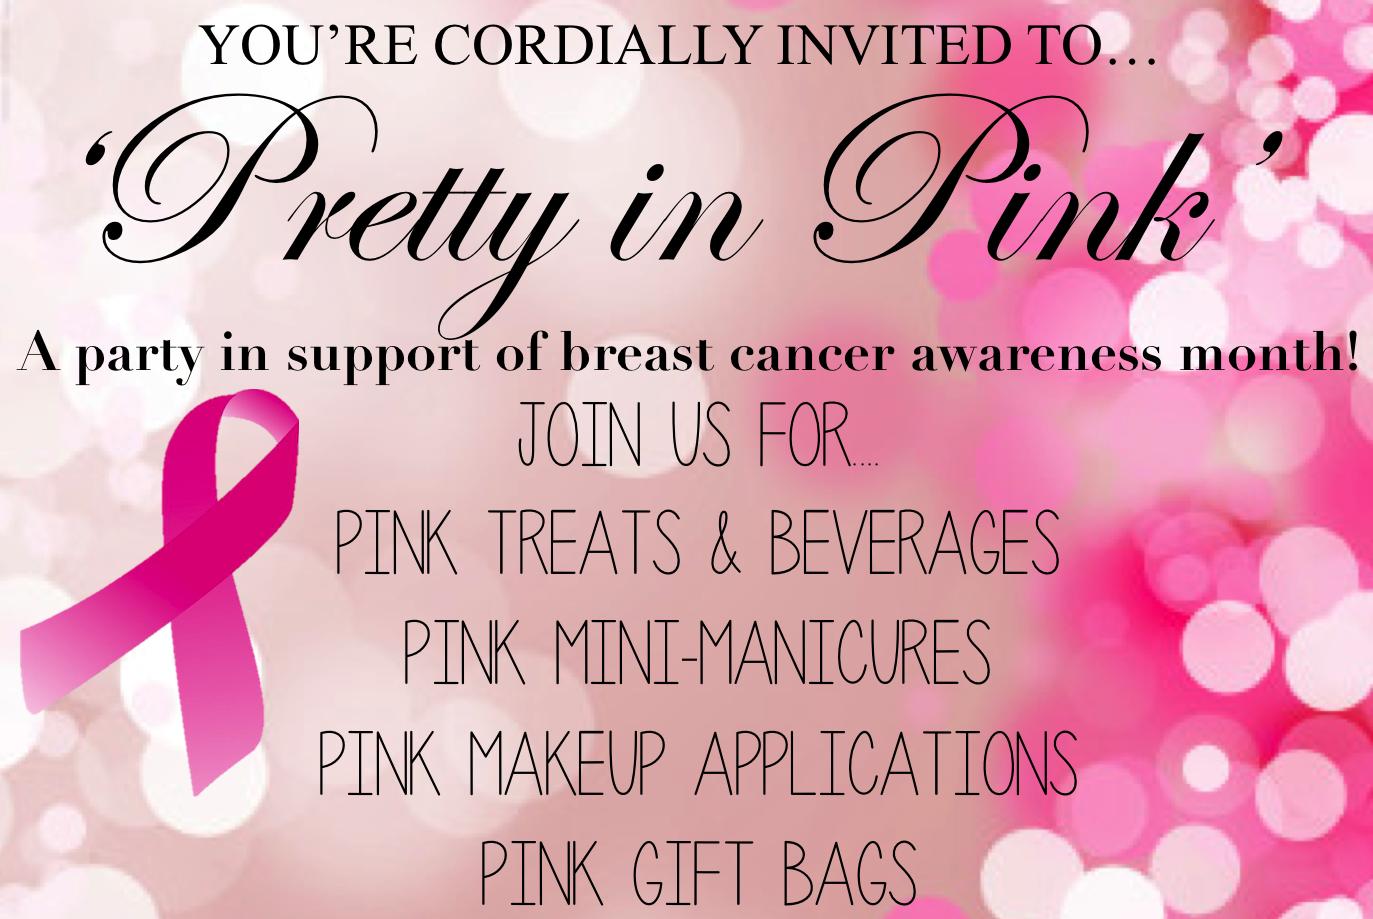 pretty-in-pink-invite-2